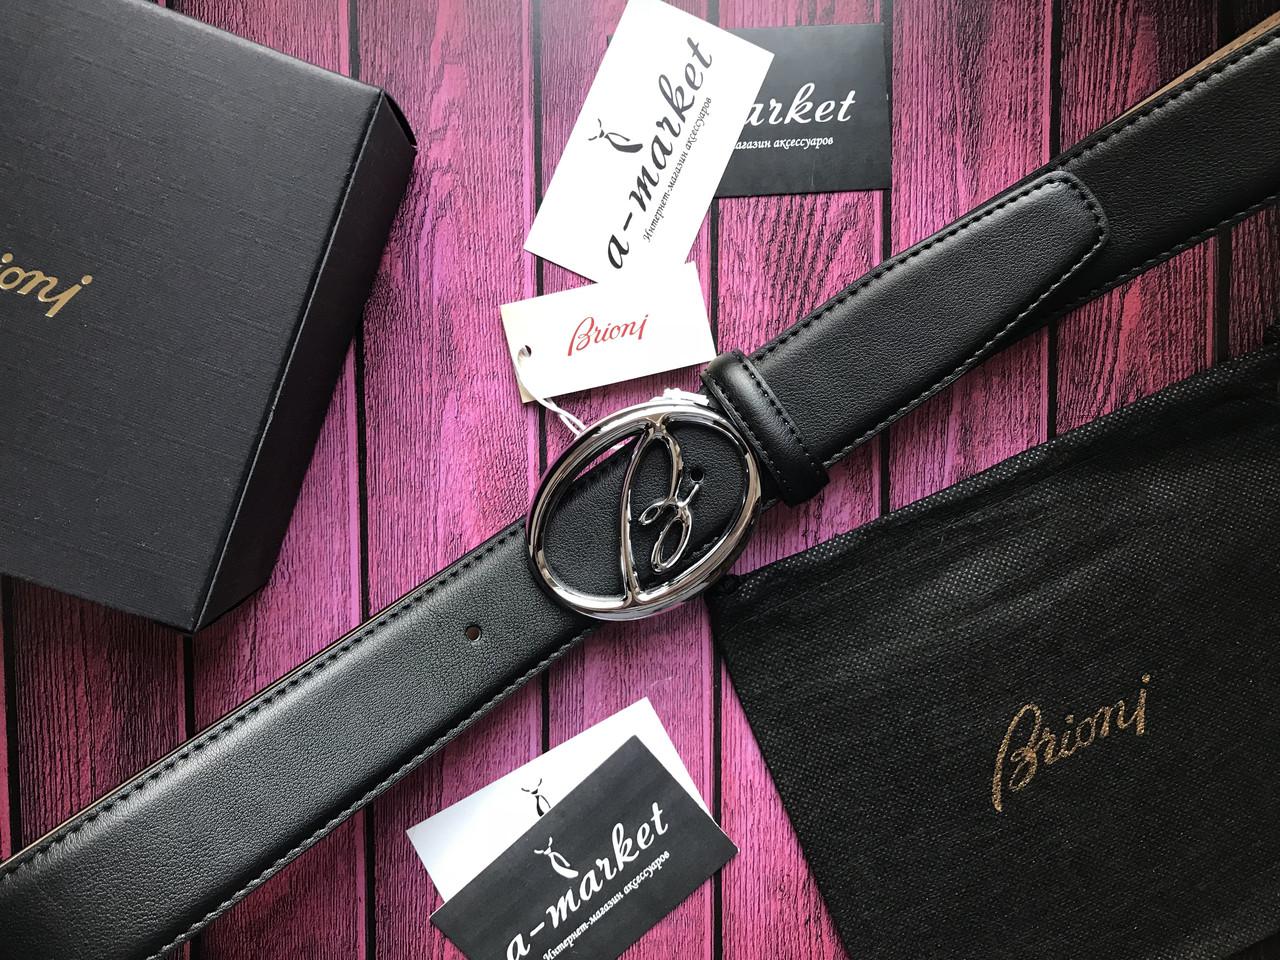 65044301541c Ремень из натуральной кожи брендовый мужской женский кожа Brioni реплика  премиум ...